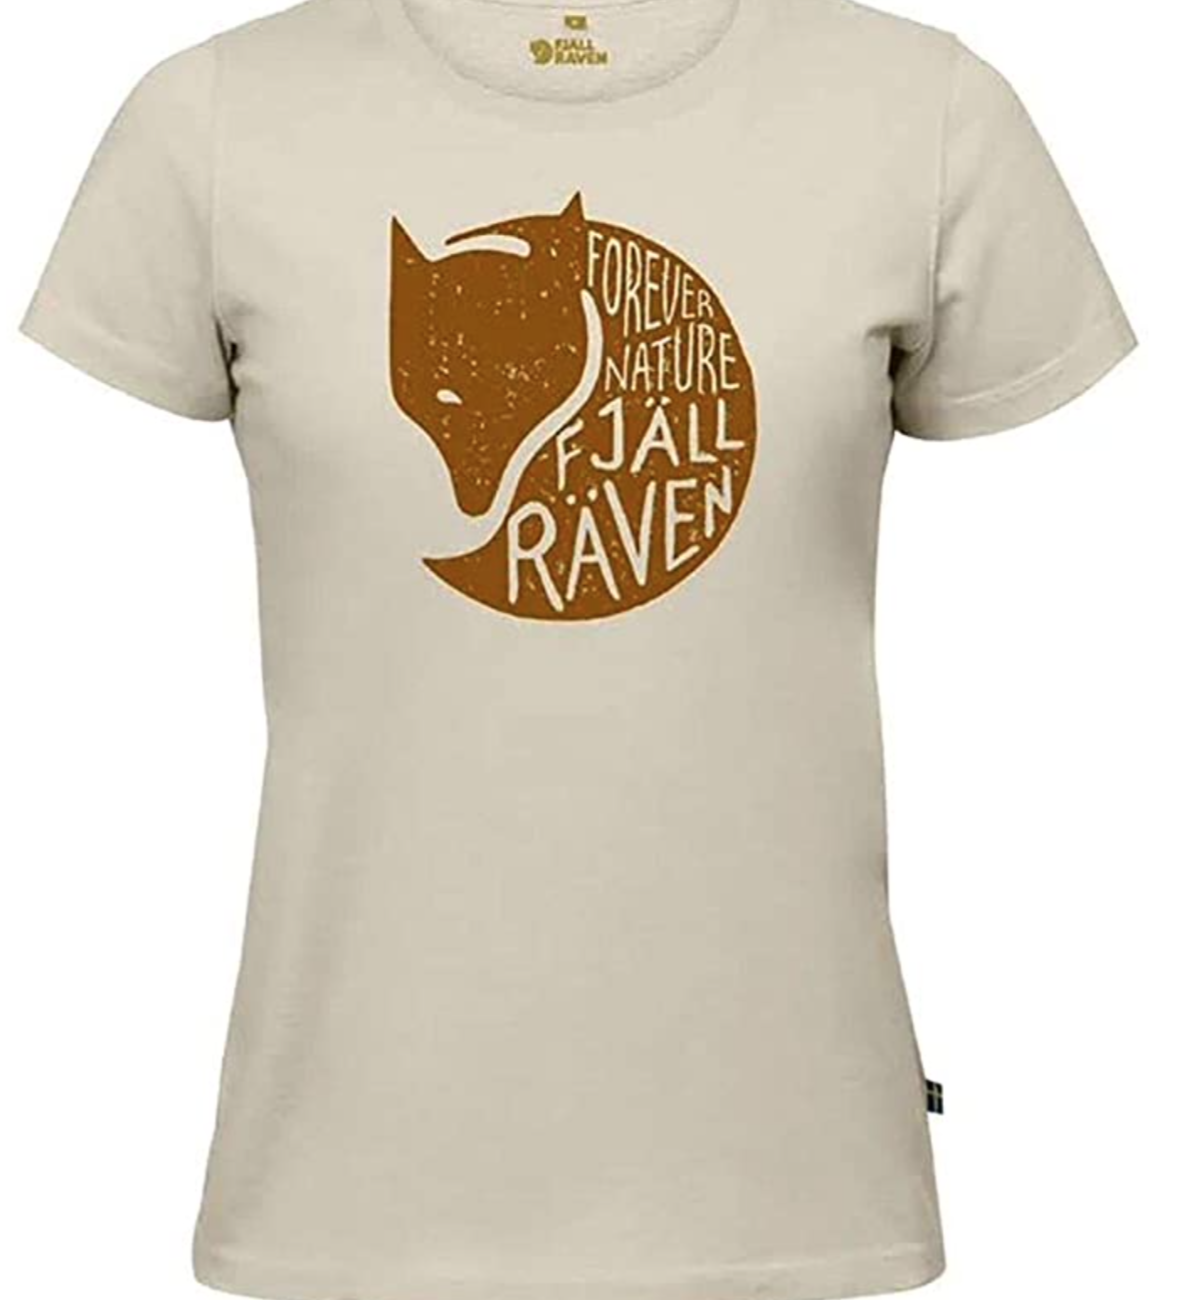 FJALLRAVEN Women's Forever Nature T-Shirt